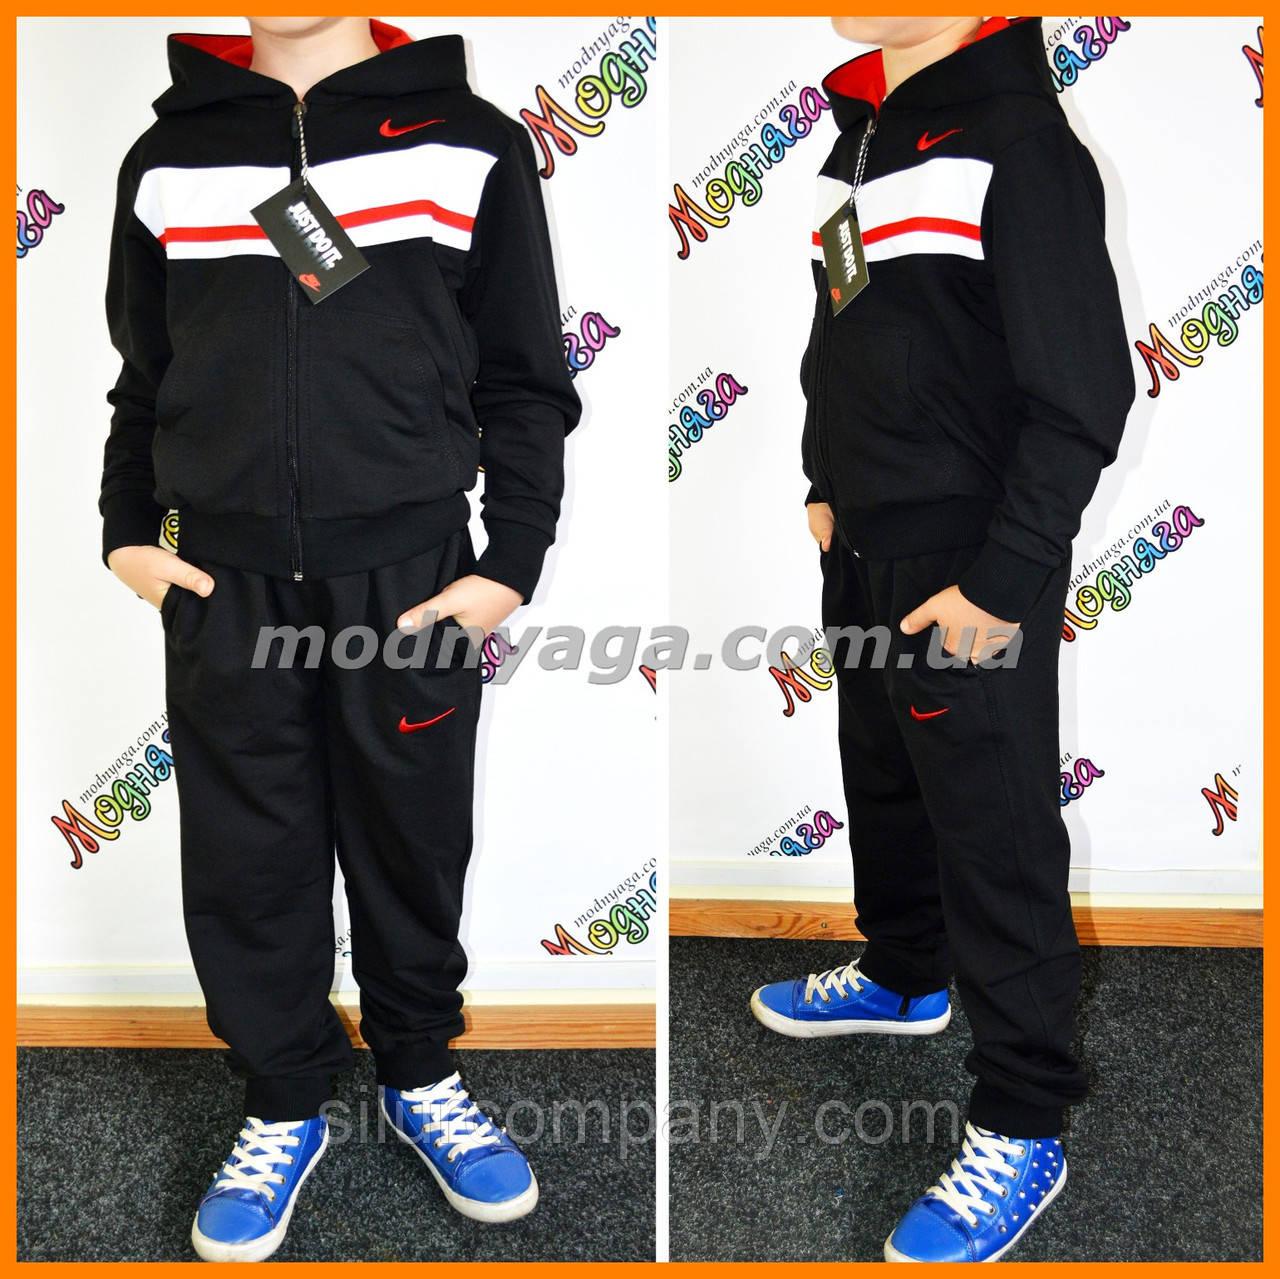 e9d59a9419e1 Детские спортивные костюмы найк   Стильный костюм Nike для мальчиков - Интернет  магазин